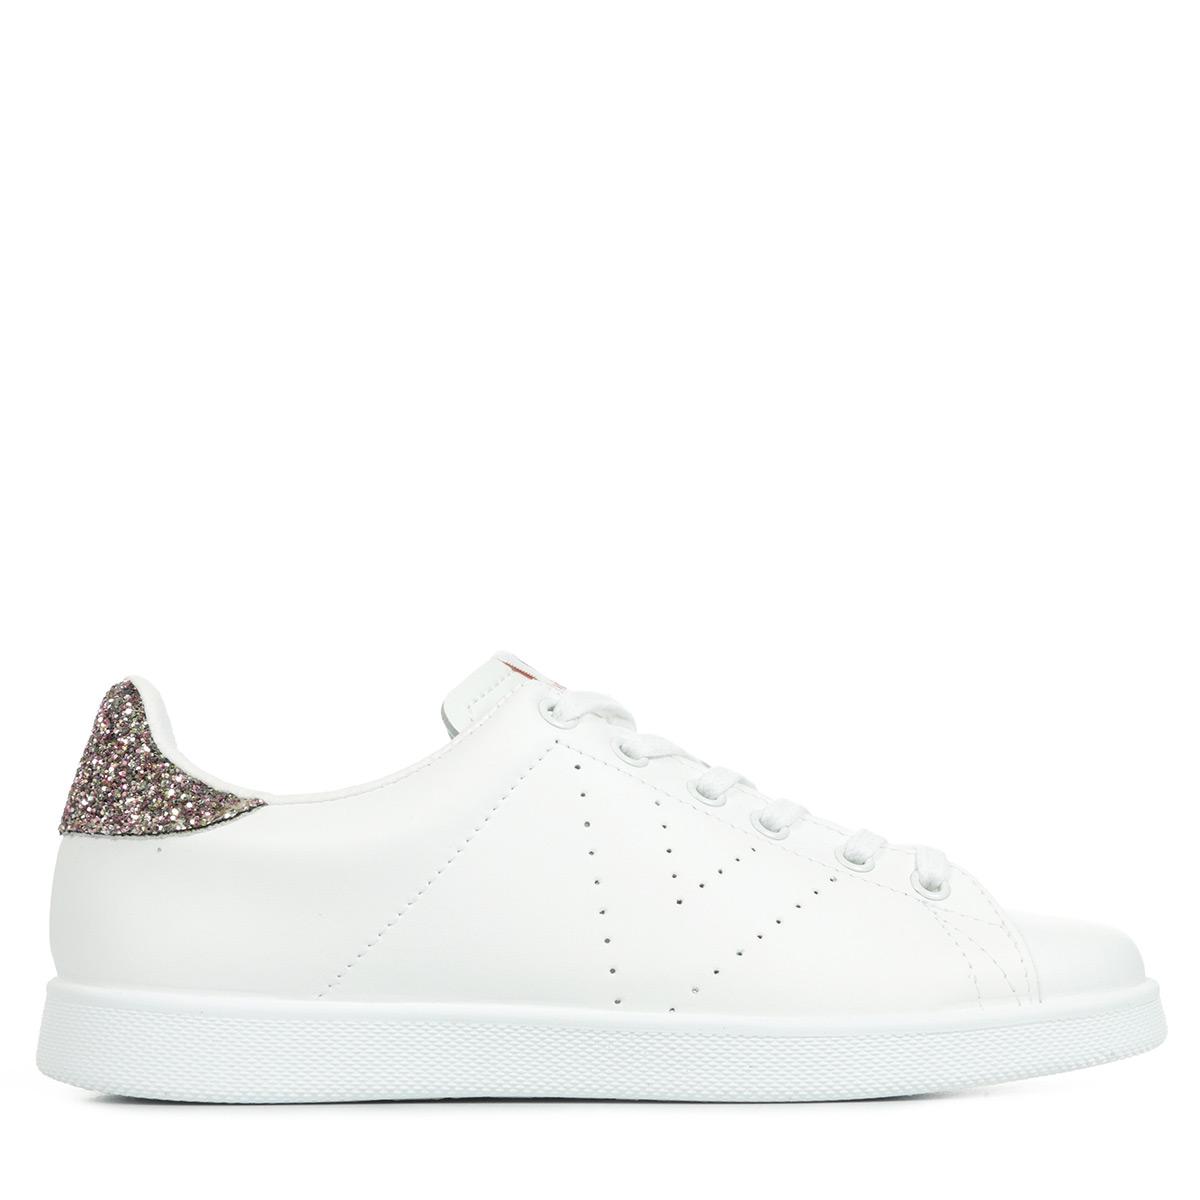 zapatos  Baskets Victoria mujer Deportivo Tenis Glitter Y Y Y Espero taille Doré c832e8